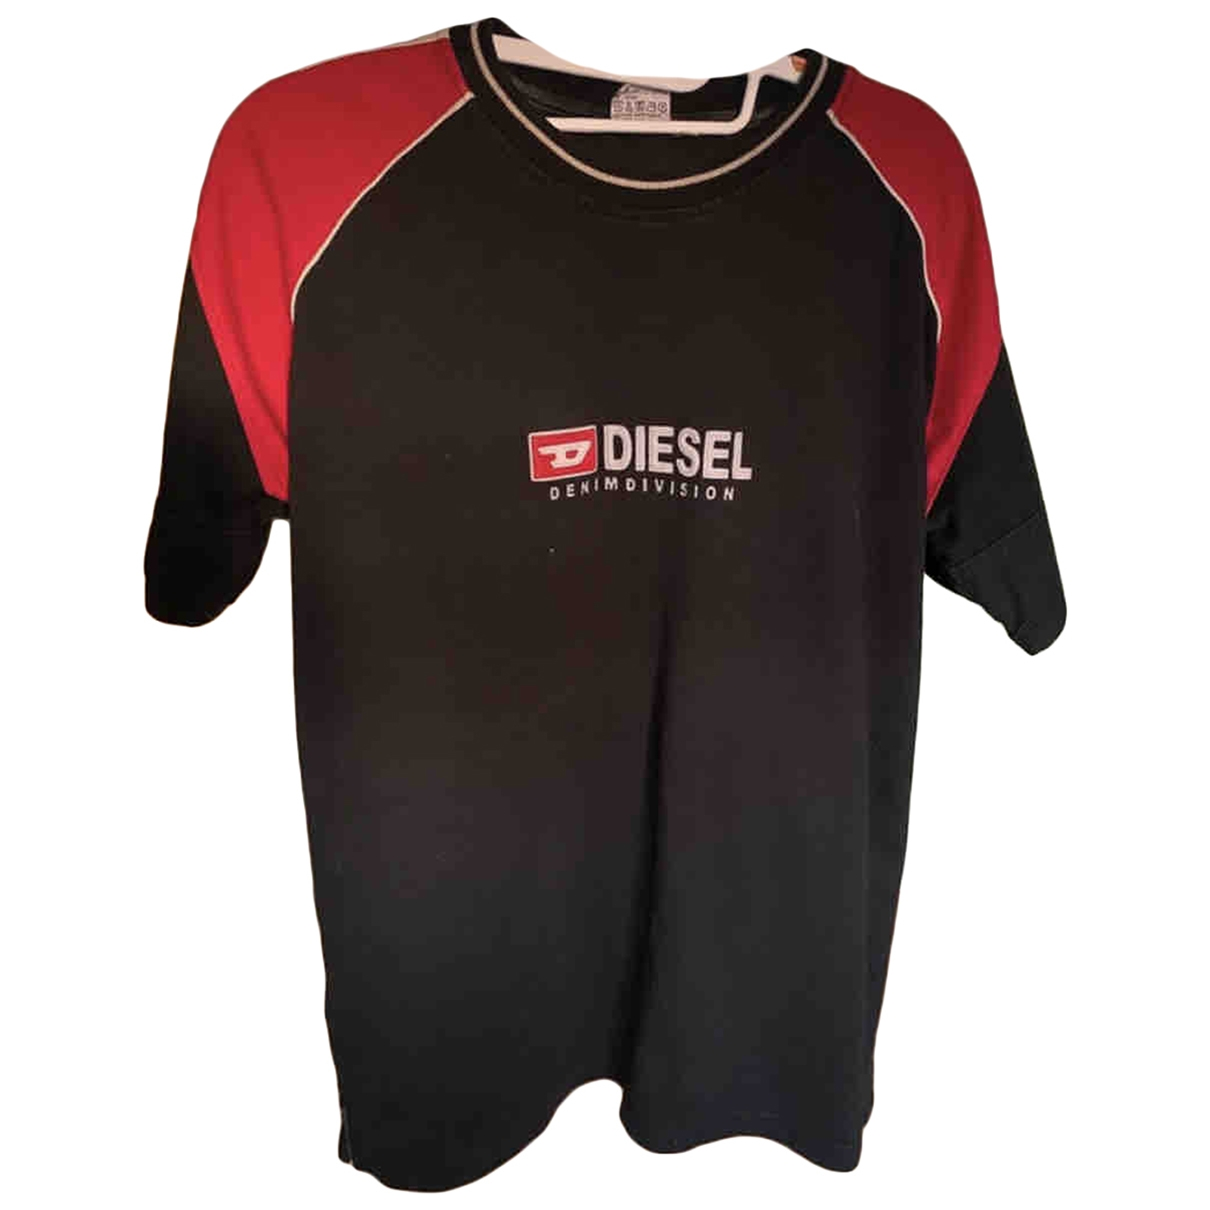 Diesel - Tee shirts   pour homme en coton - noir